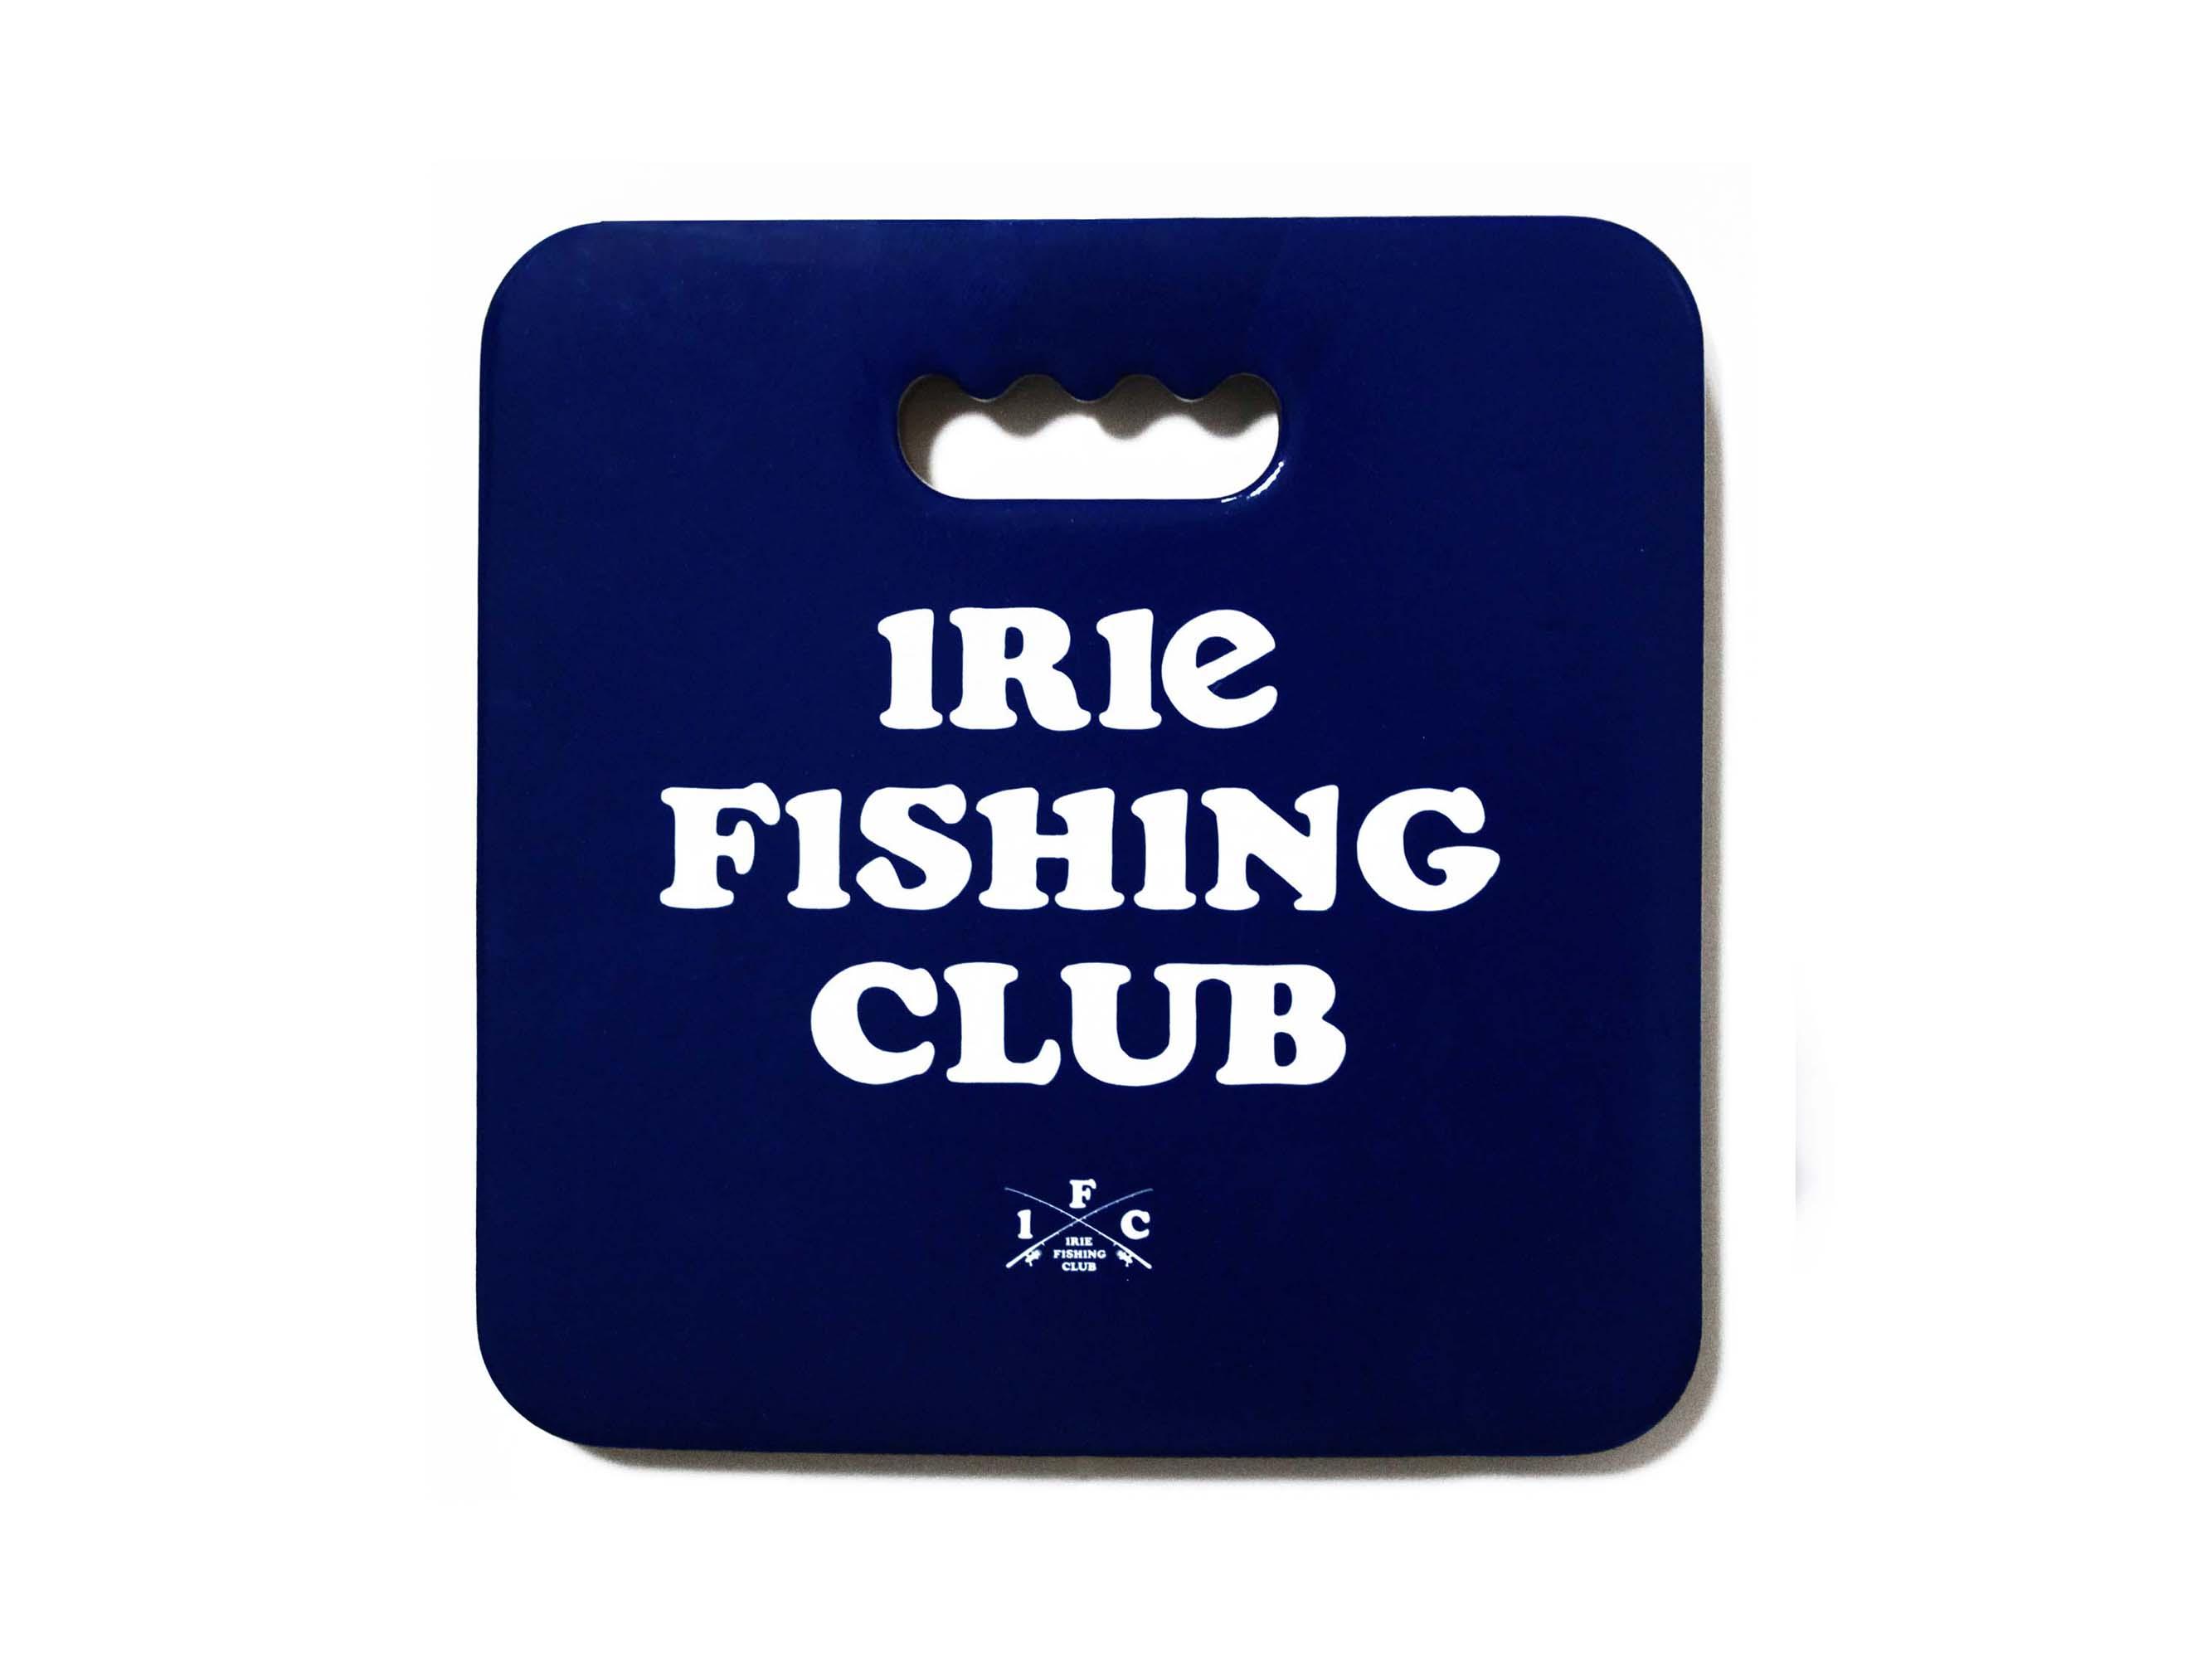 I.F.C WATER STADIUM CUSHION - IRIE FISHING CLUB